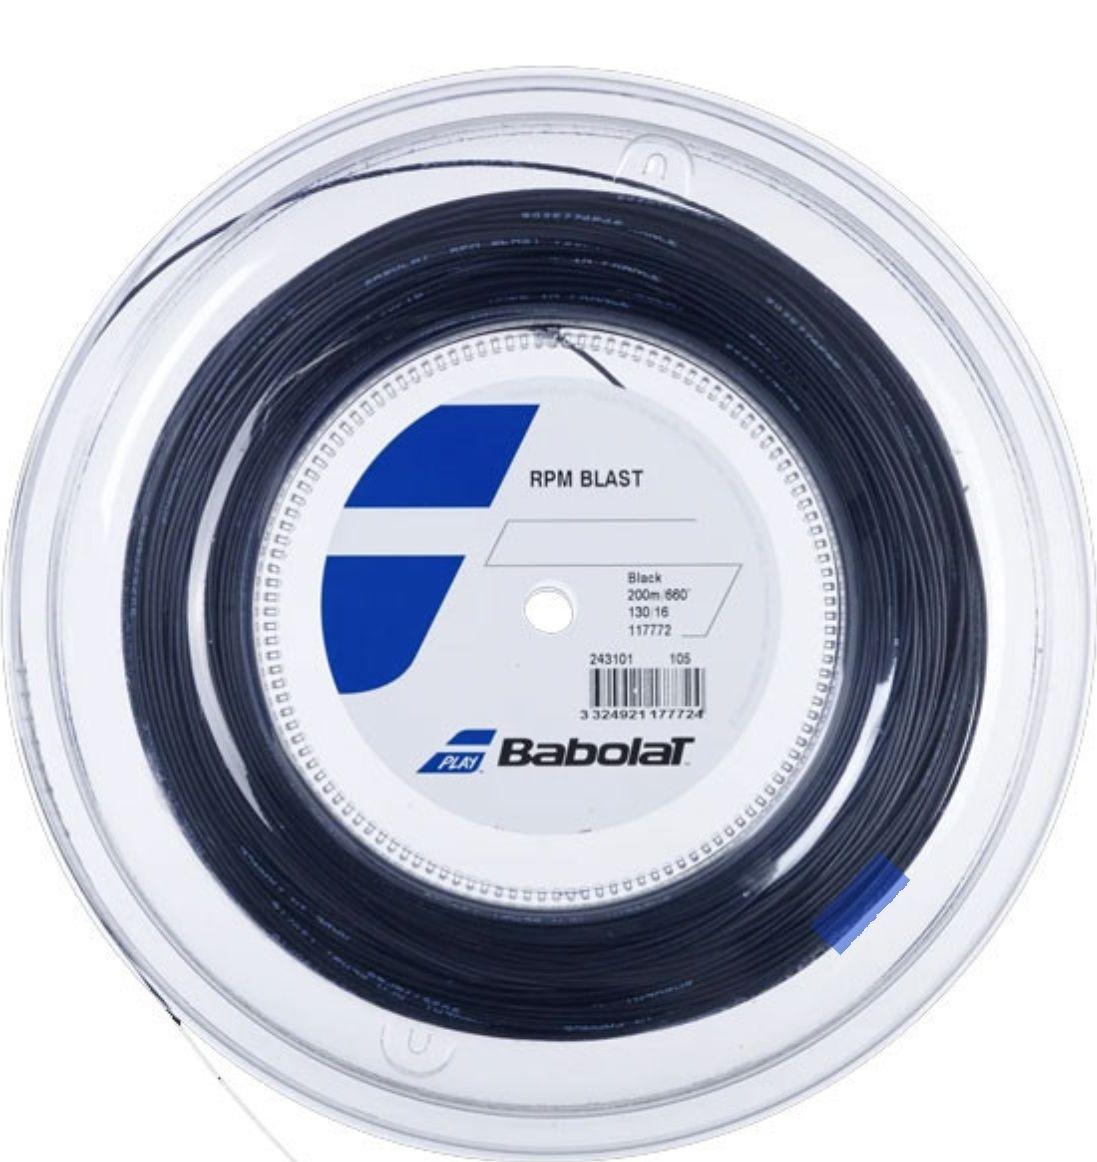 Bobine de cordage pour raquette de tennis RPM Blast (200 m) - SportSystem.fr